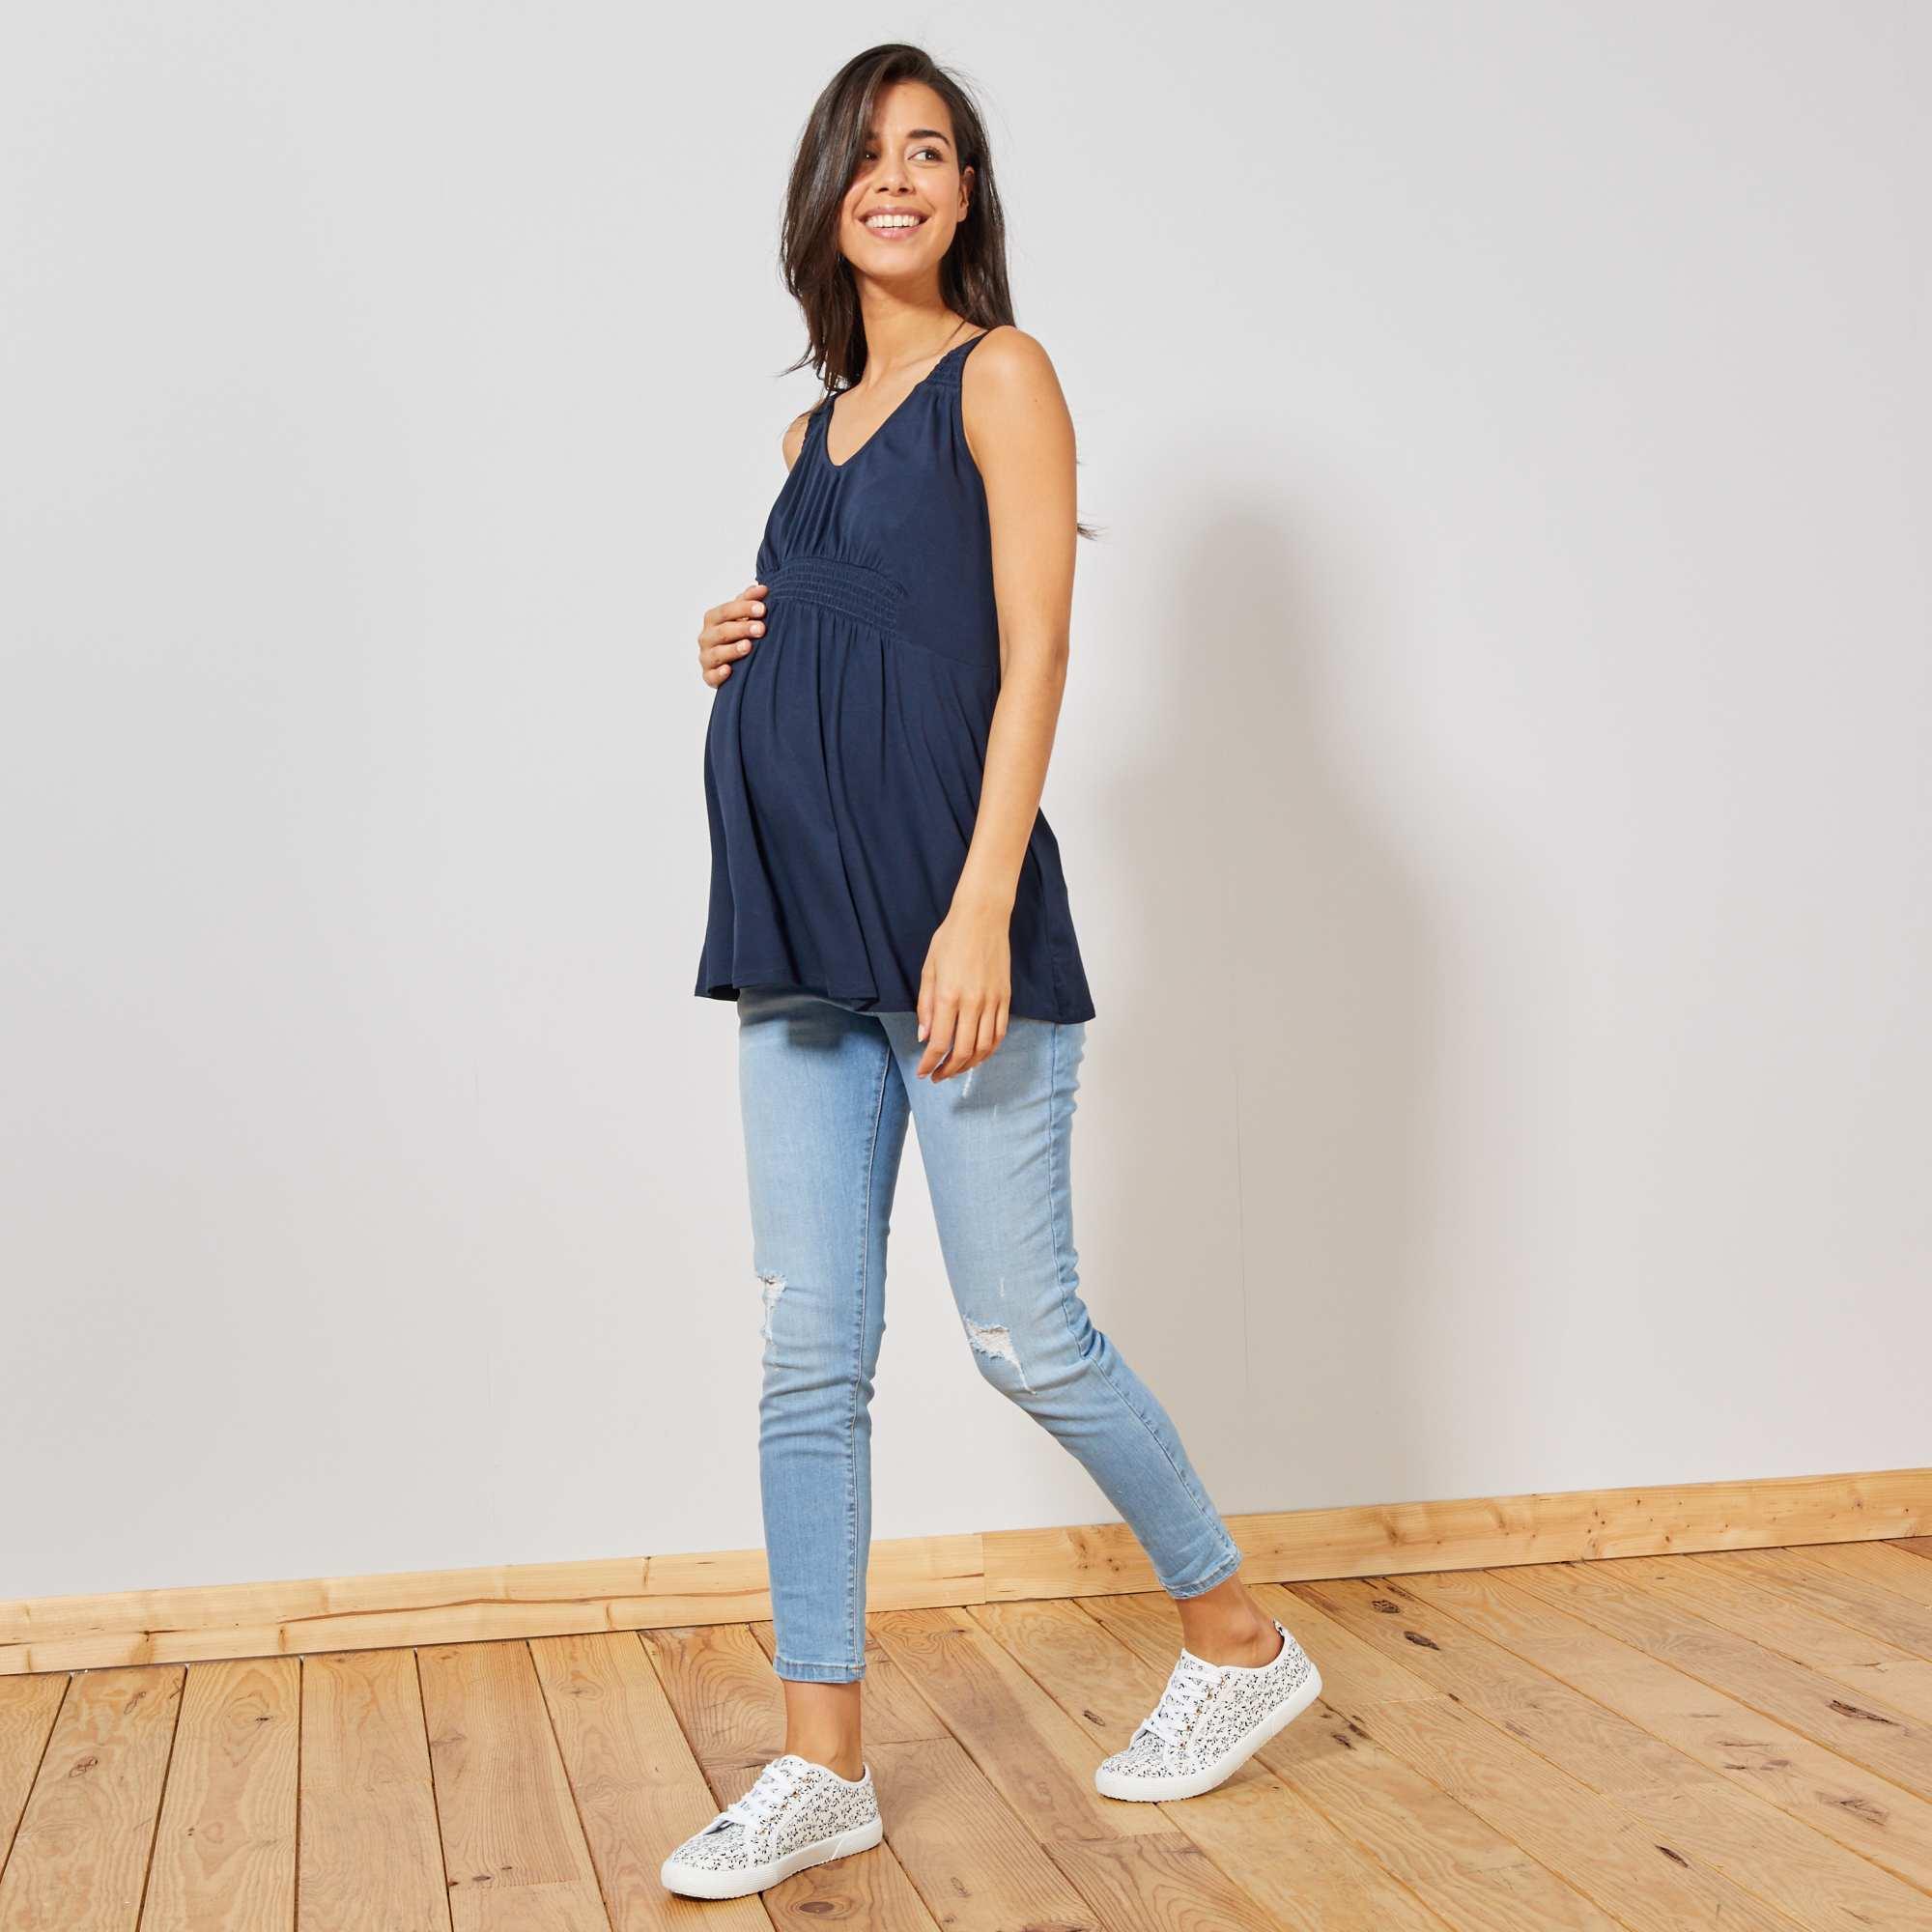 a9456d2a9 Camiseta premamá de tirantes Mujer talla 34 a 48 - azul - Kiabi - 9,00€